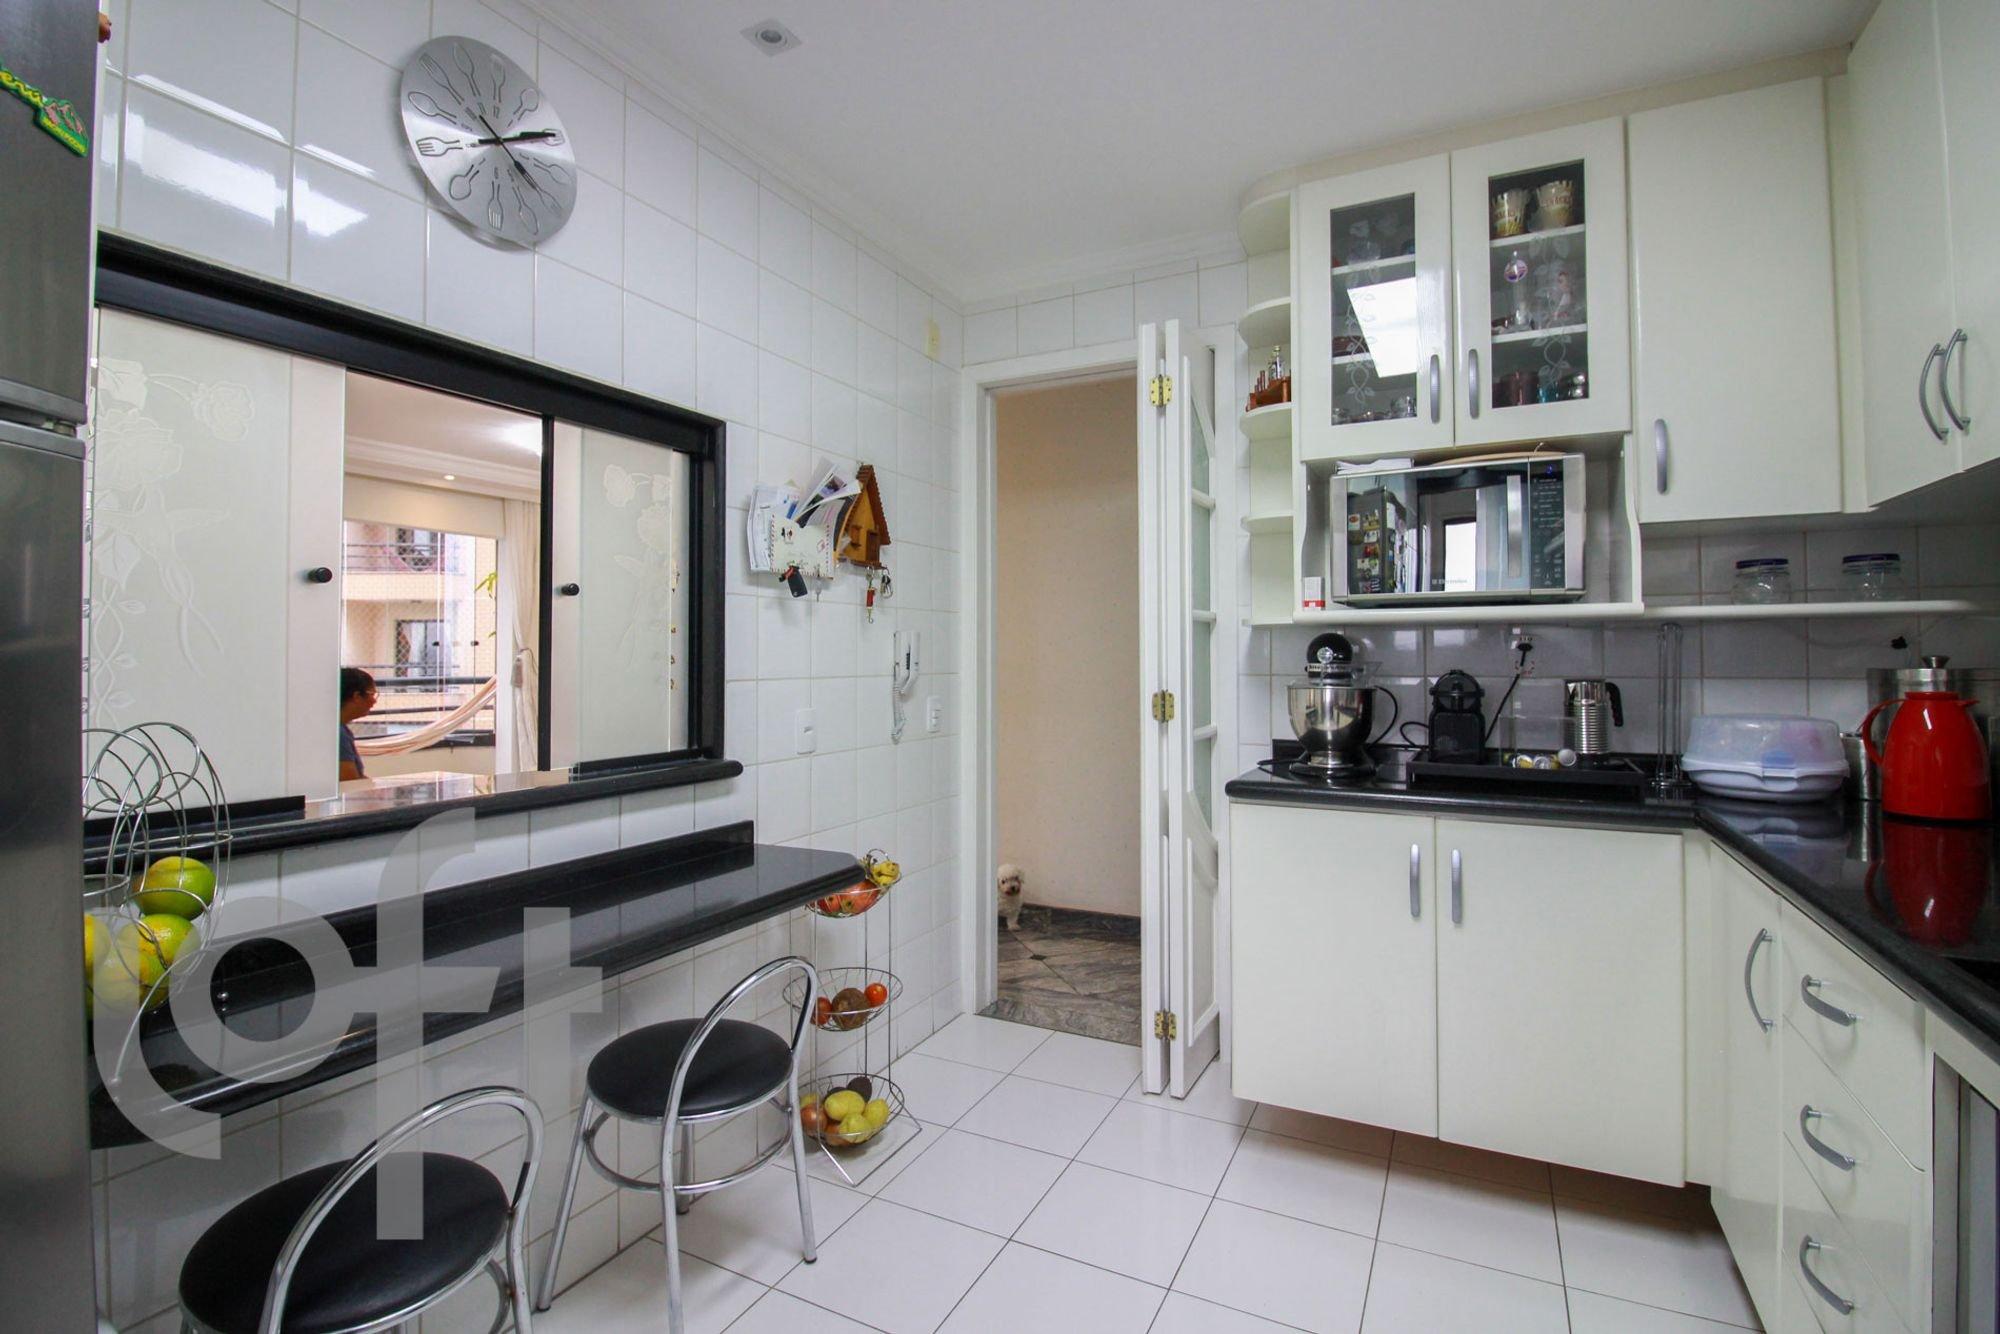 Foto de Cozinha com garrafa, relógio, pia, cadeira, livro